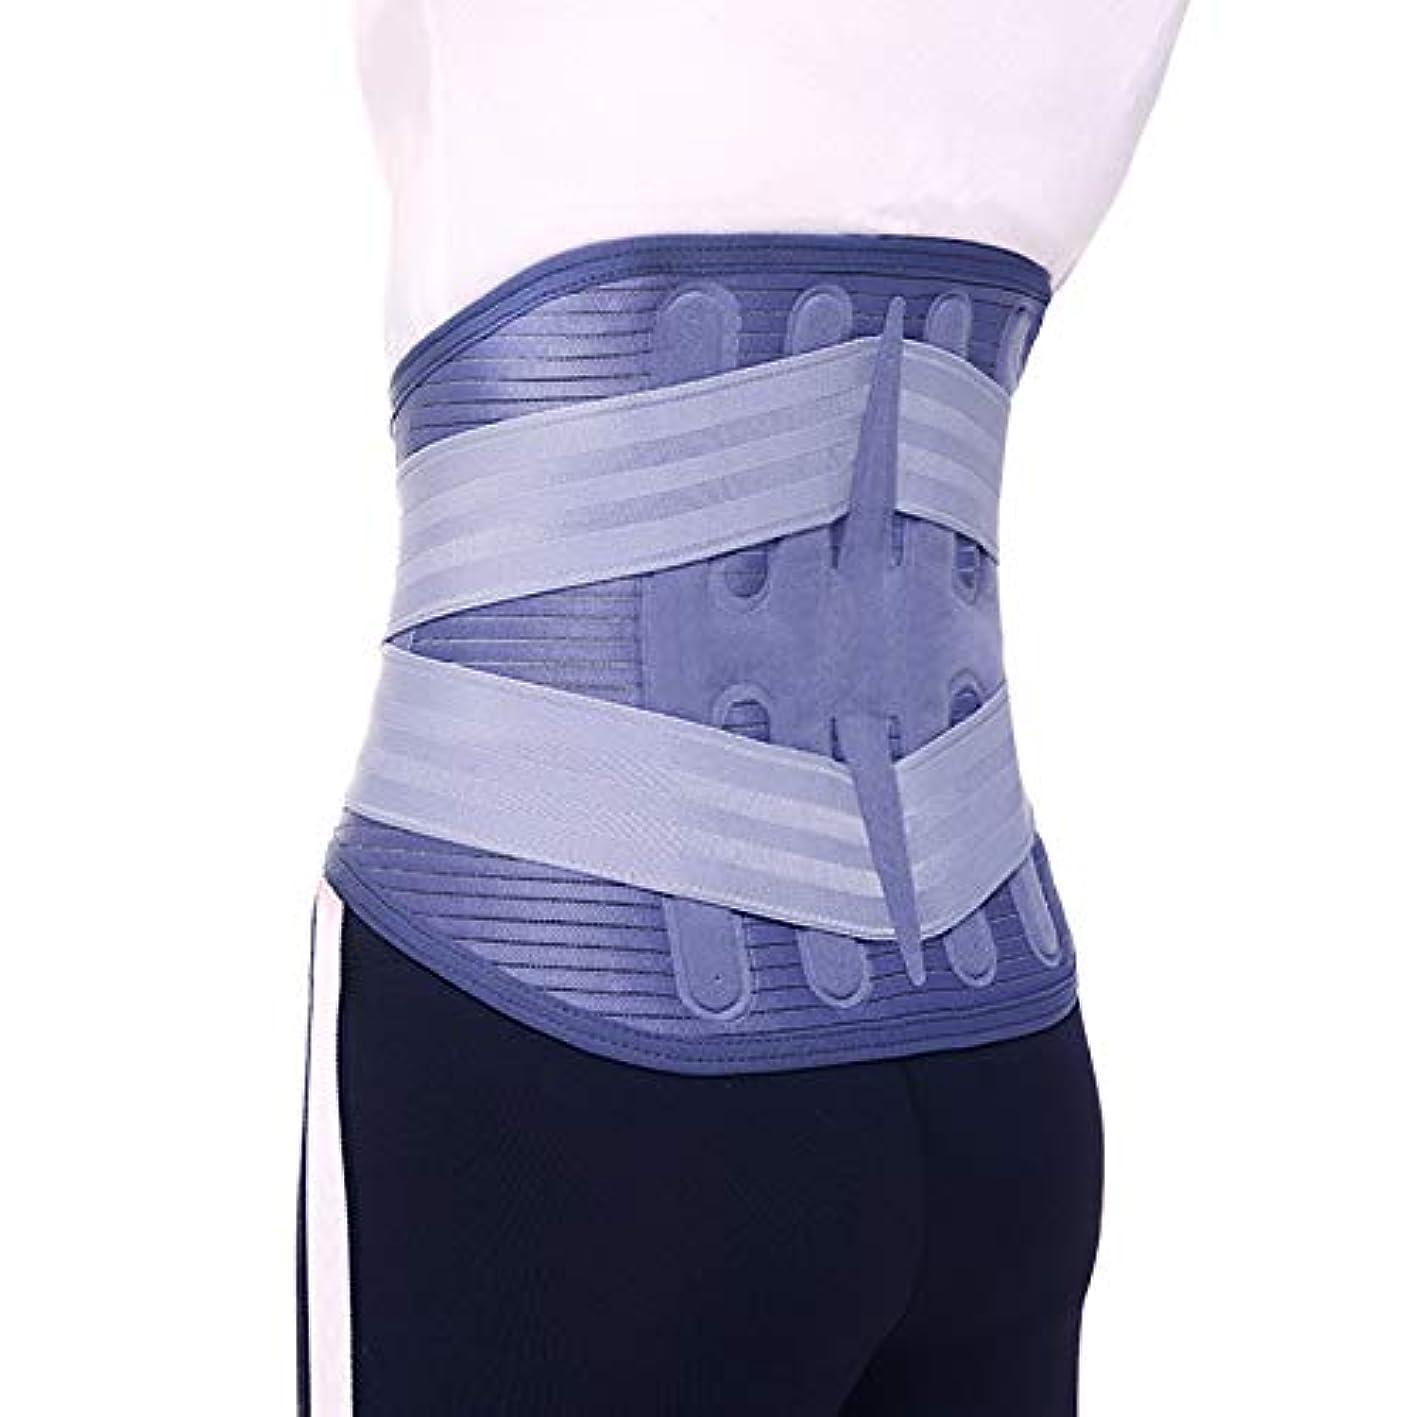 腰椎支持下背靭帯バイオニック軟骨支持背痛緩和坐骨神経痛の脊柱側弯症および椎間板ヘルニア男性および女性のための高さのある超薄型ウエストブレース,M